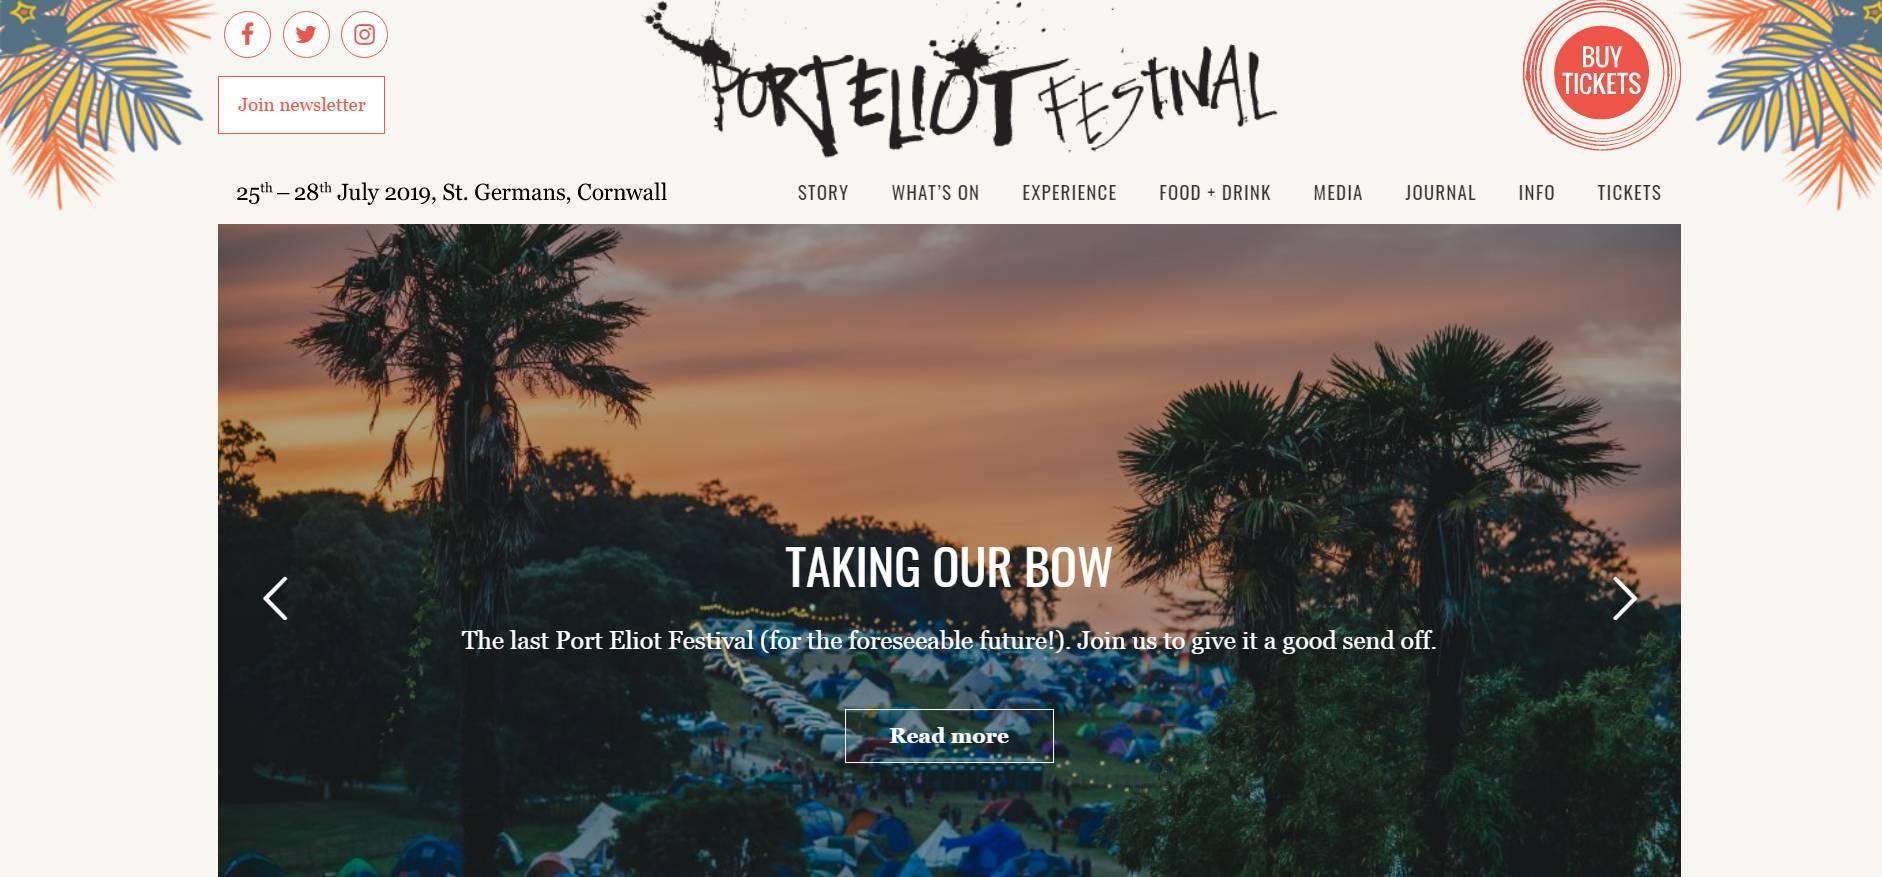 Home_-_Port_Eliot_Festival_-_2019-07-16_20.41.13.jpg